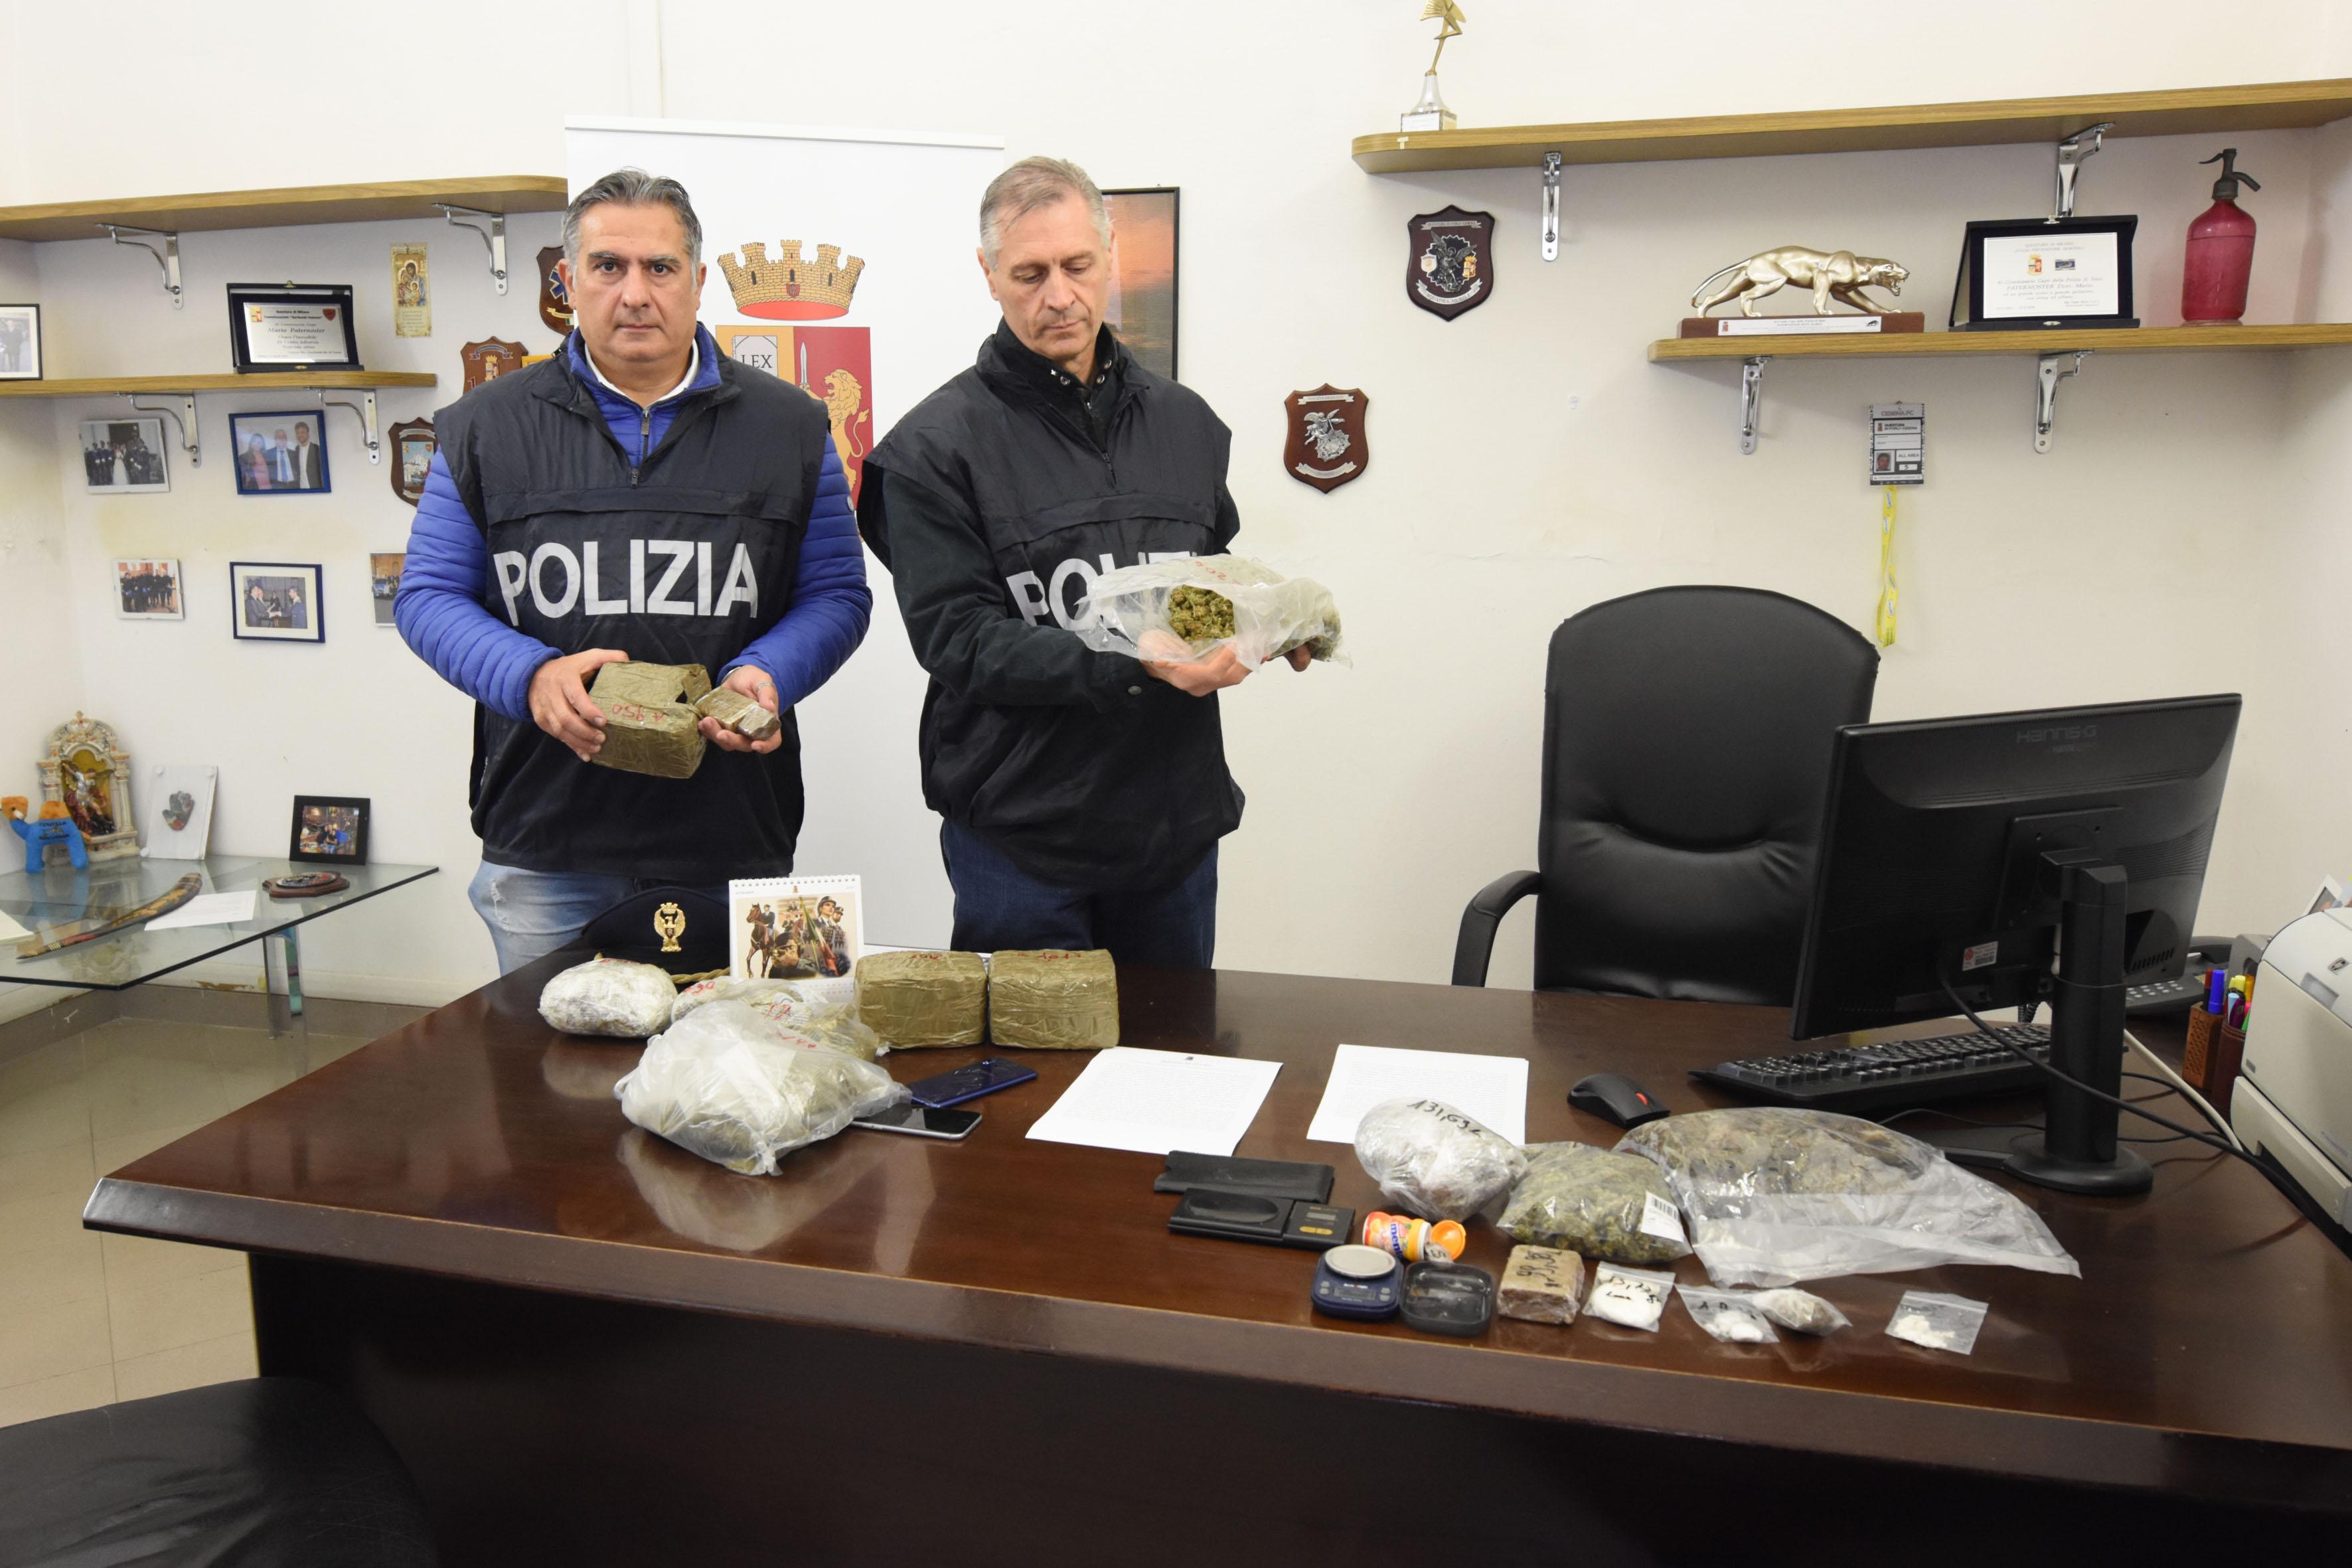 Spaccio di droga, due arresti tra Faenza e Forlimpopoli